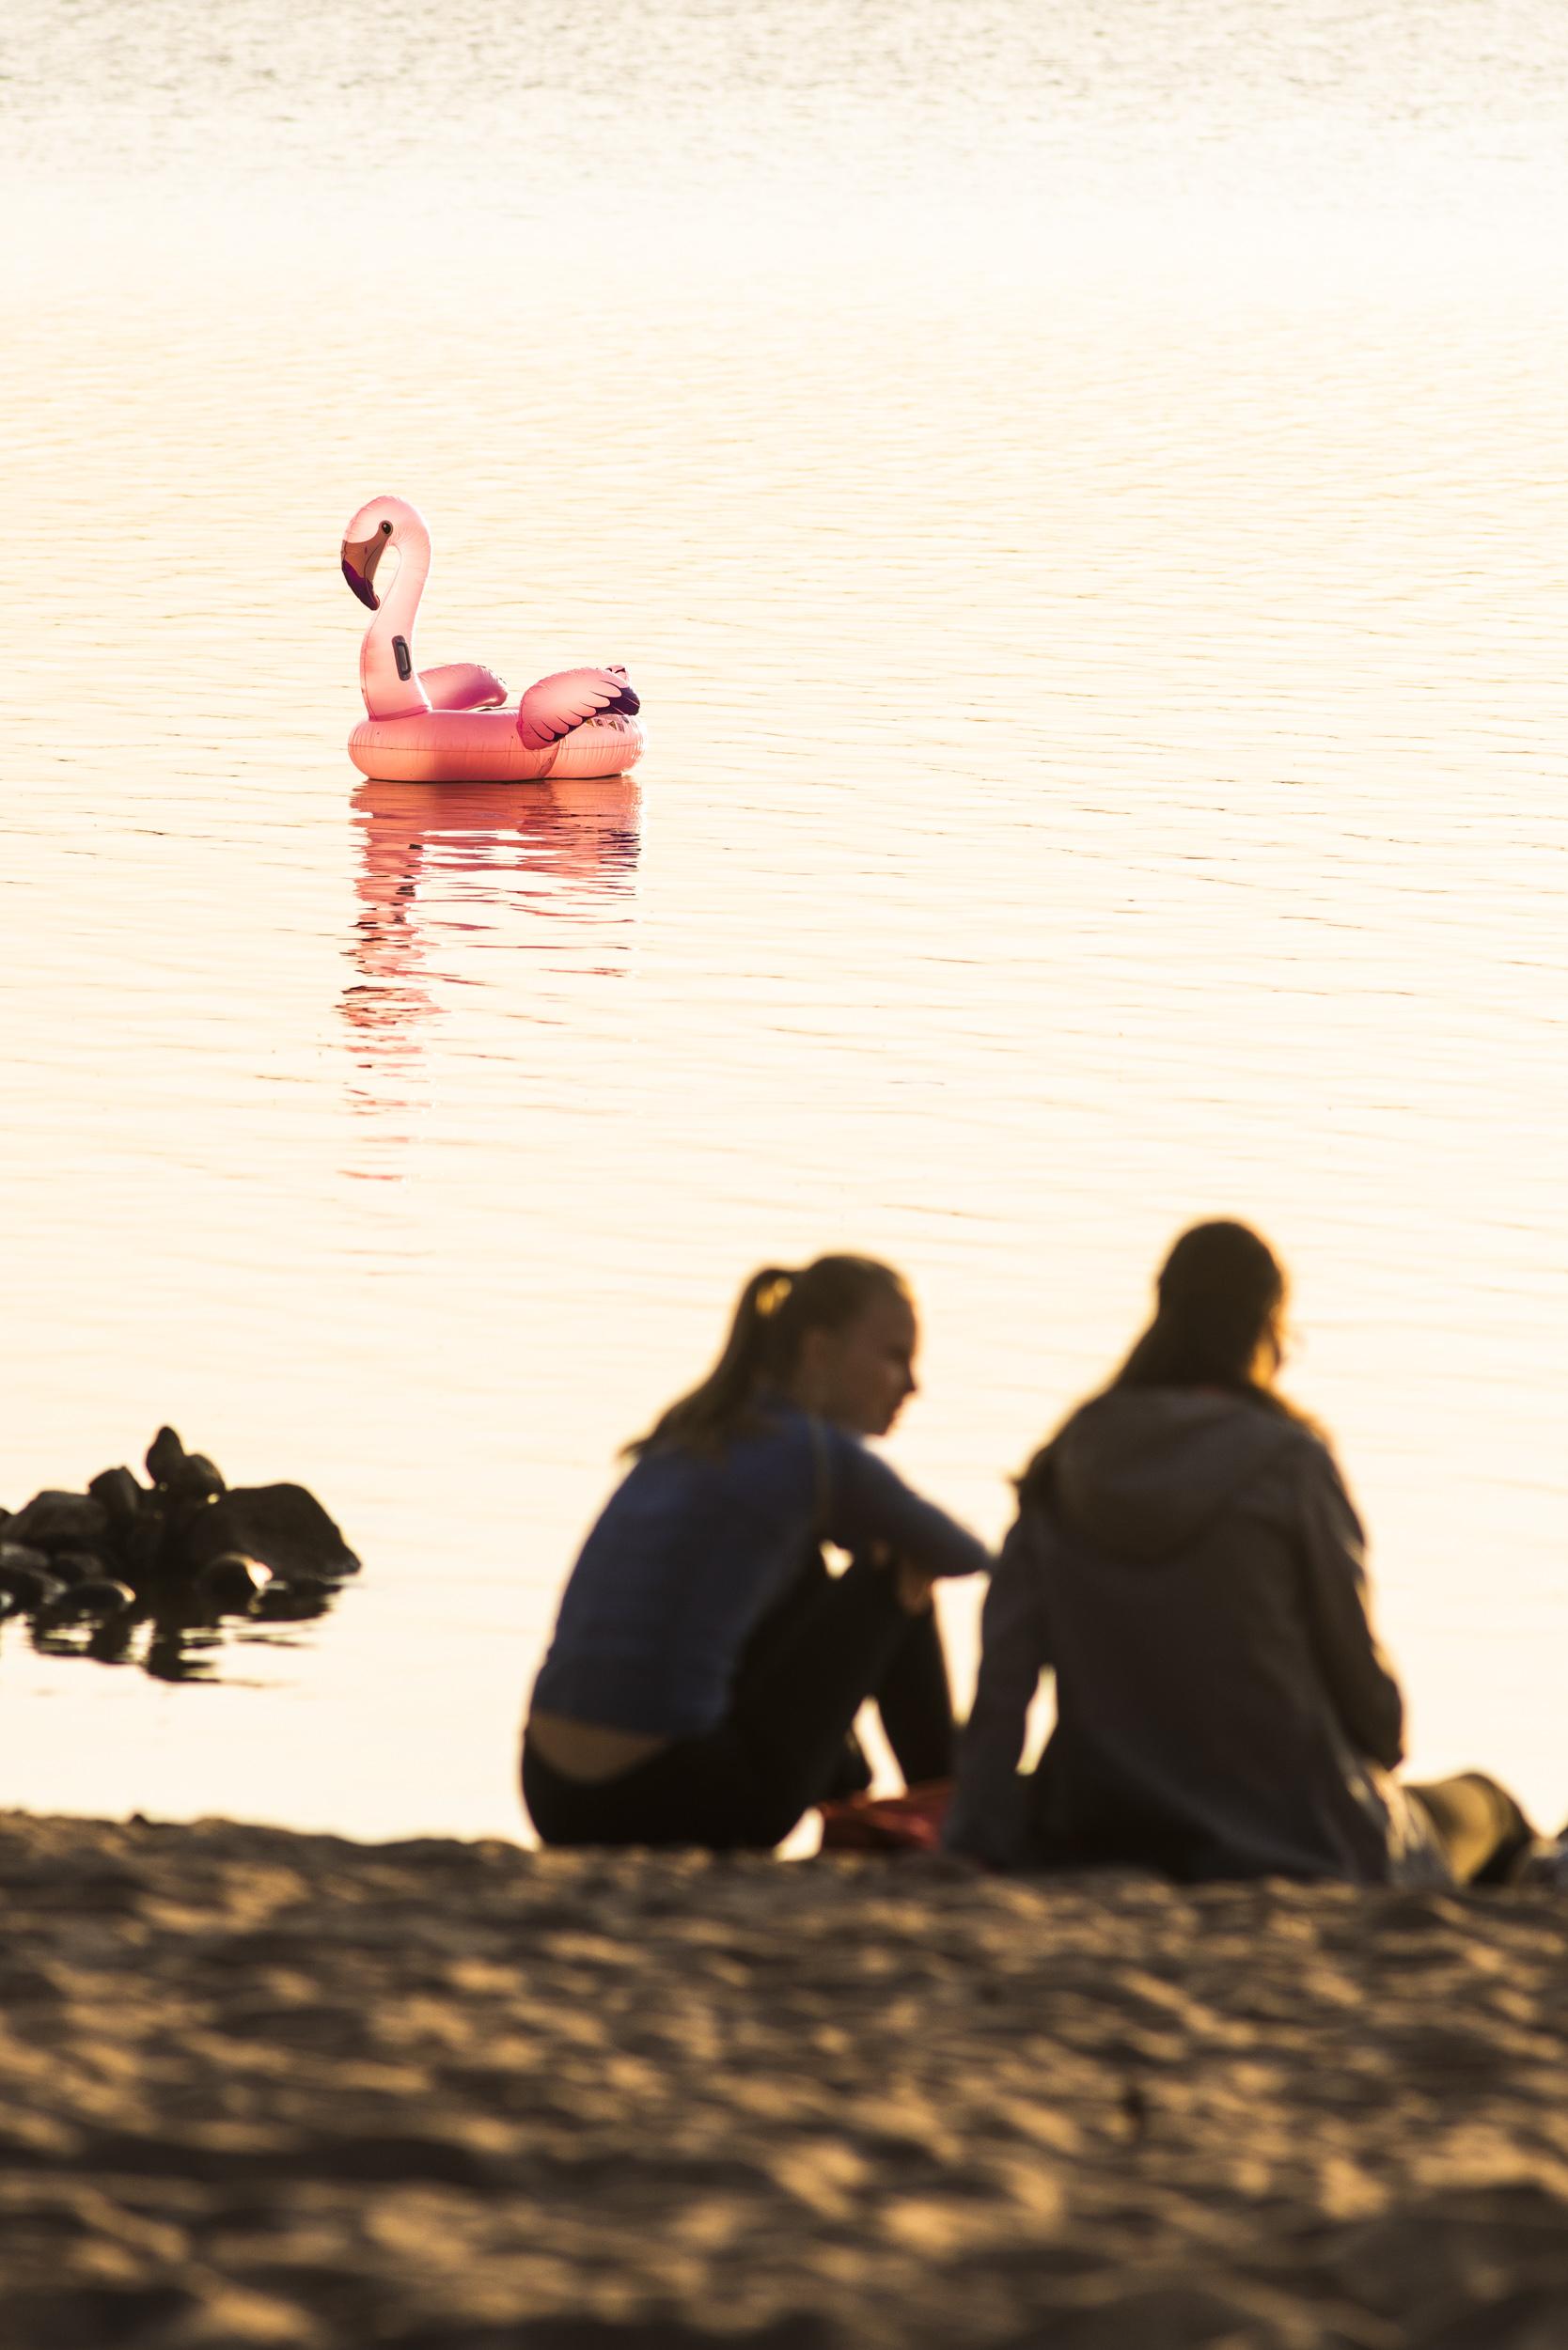 Flamingos var årets tema, fanns överallt. Lite jobbigt för oss fotografer när de stack in huvudena på scenerna.